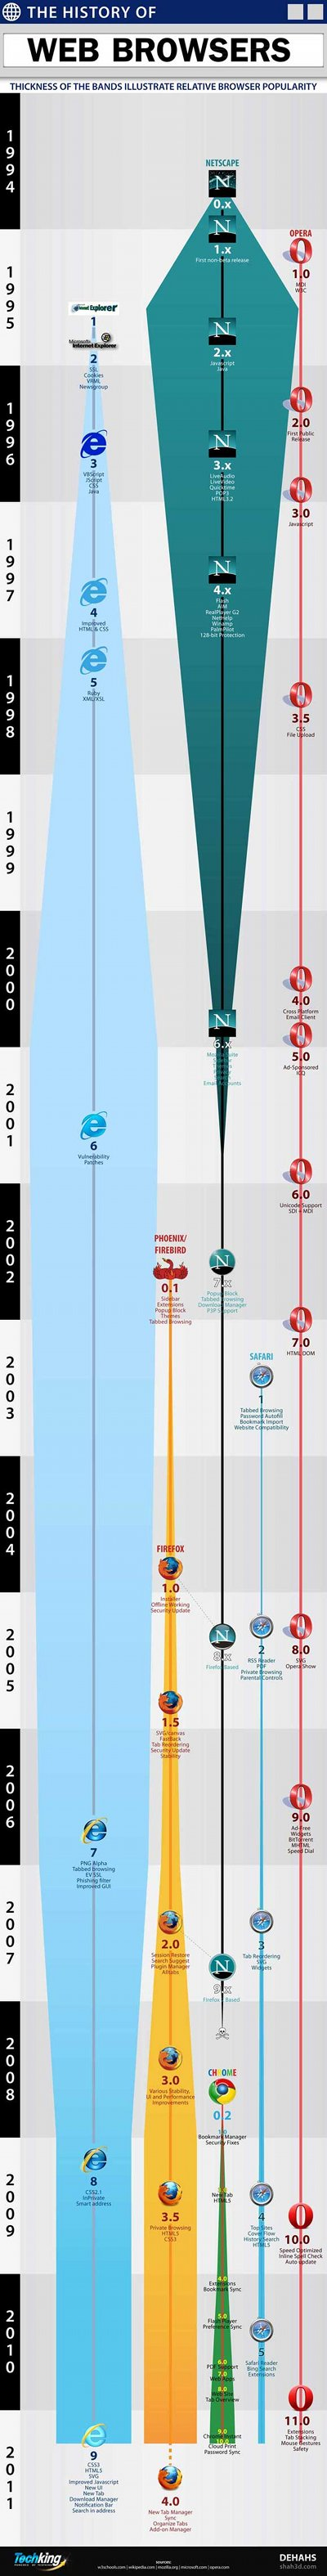 Evolución de los navegadores de internet